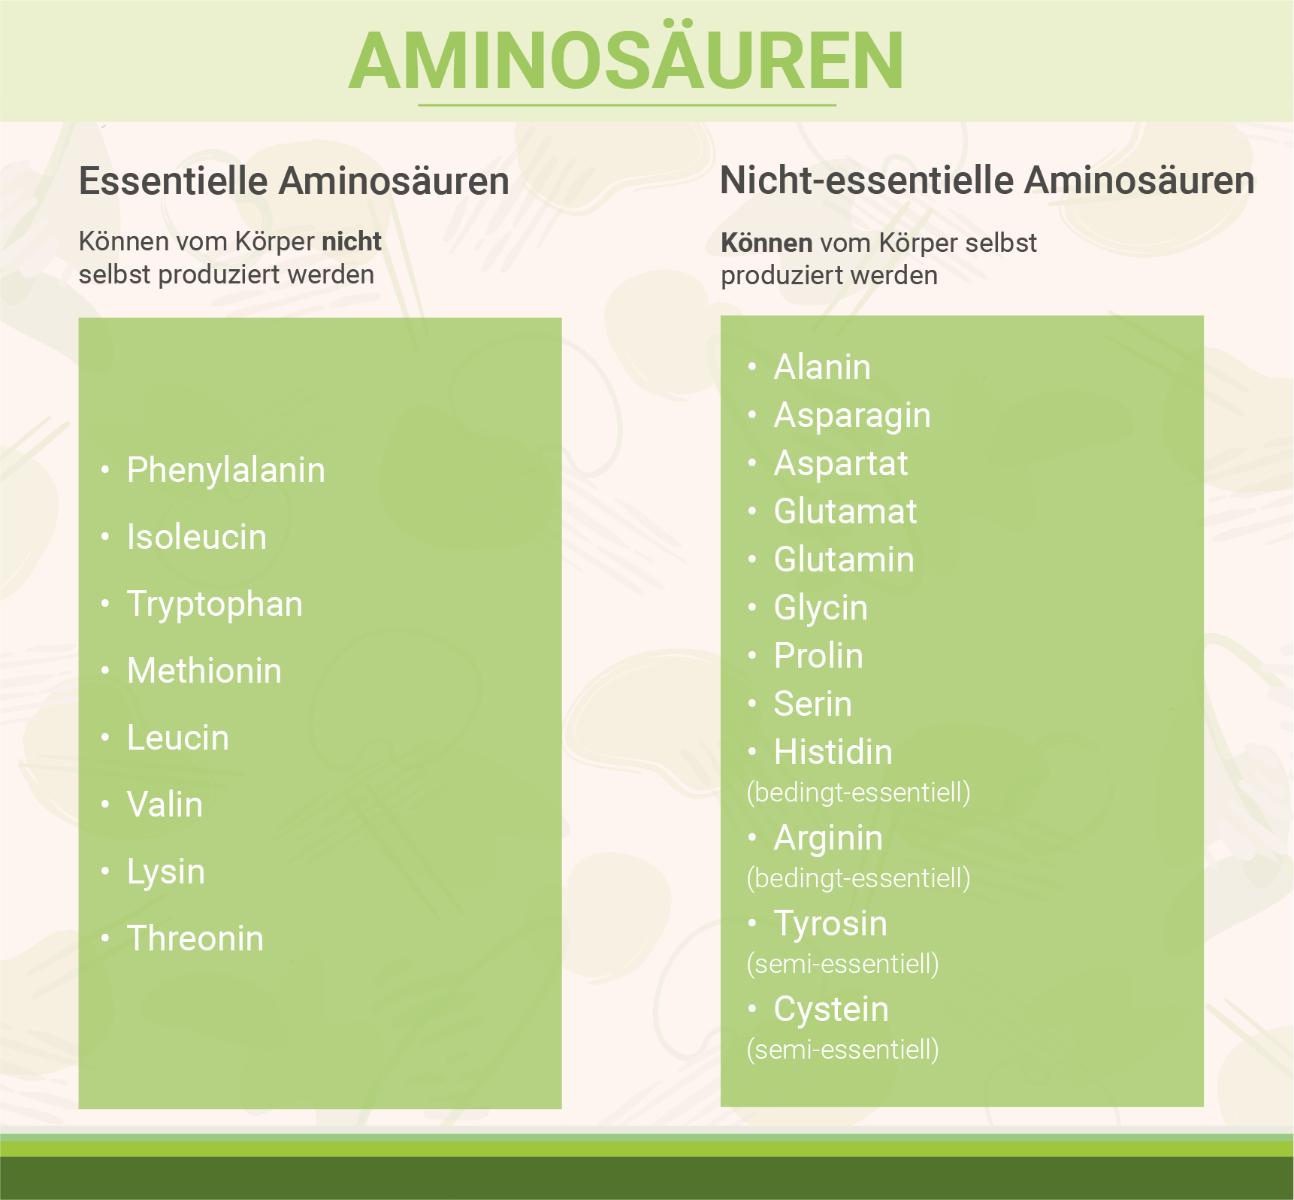 infografik-essentielle-aminosaeuren-nicht-essentielle-aminosaeuren